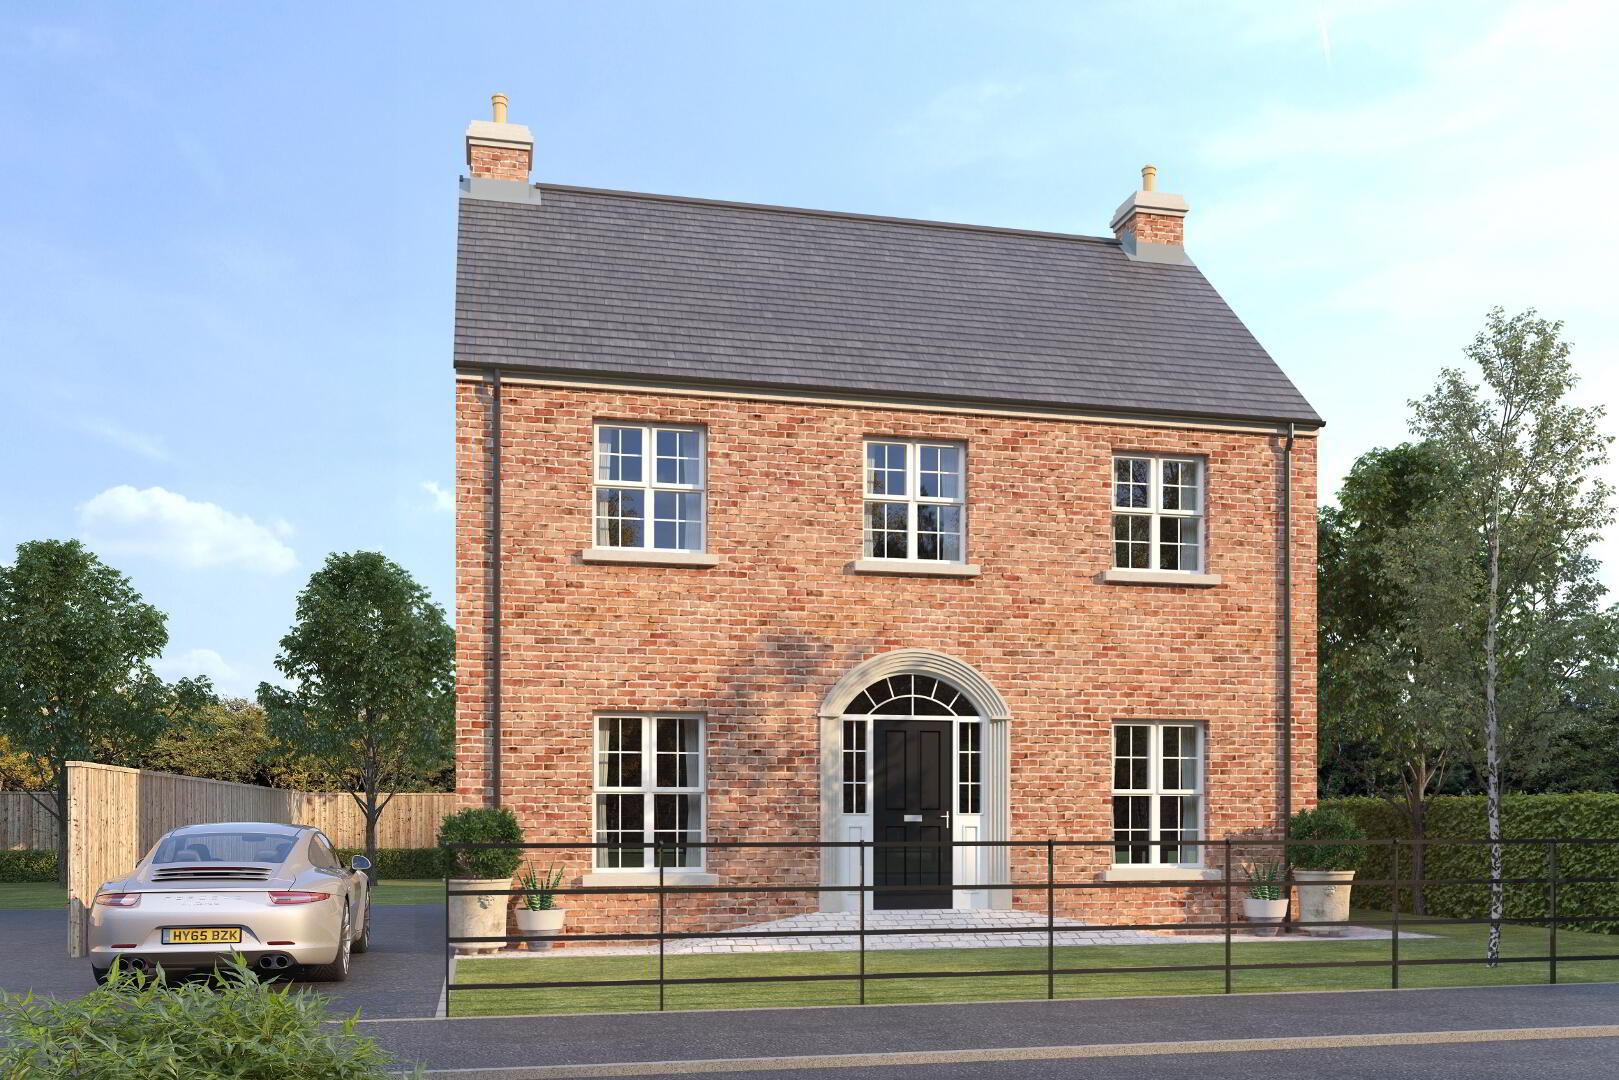 Photo 1 of The Killymoon, Castle Glen, Ranfurly Road, Dungannon